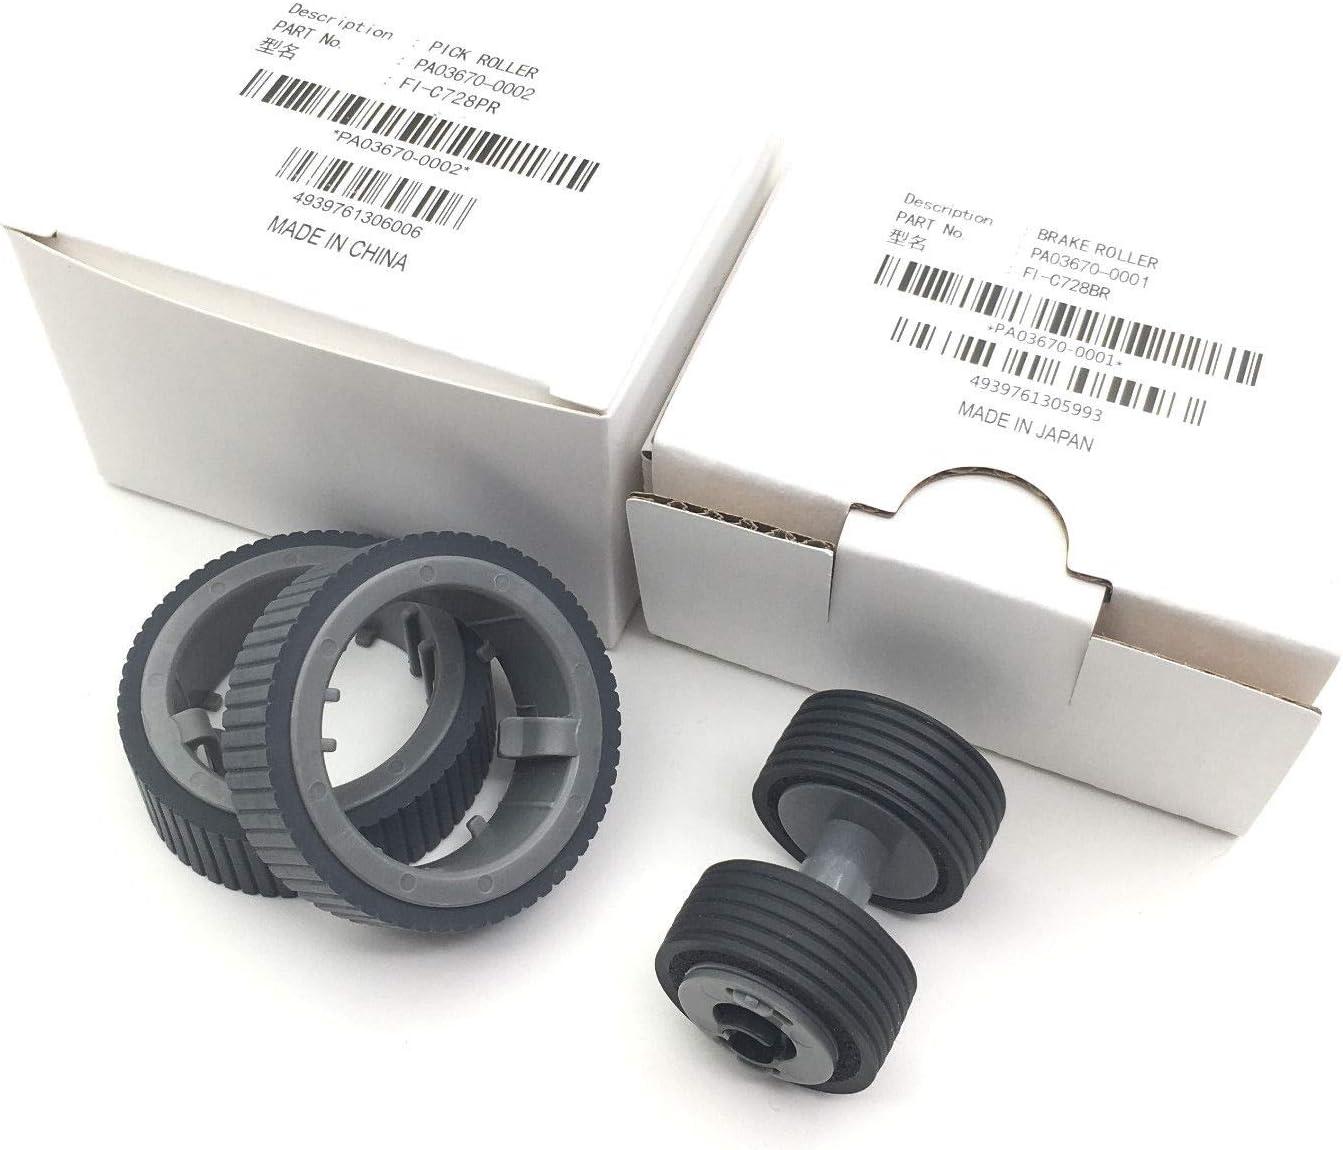 PA03670-0001 PA03670-0002 Fujitsu fi-7160 fi-7260 fi-7240 Pickup Roller Tire